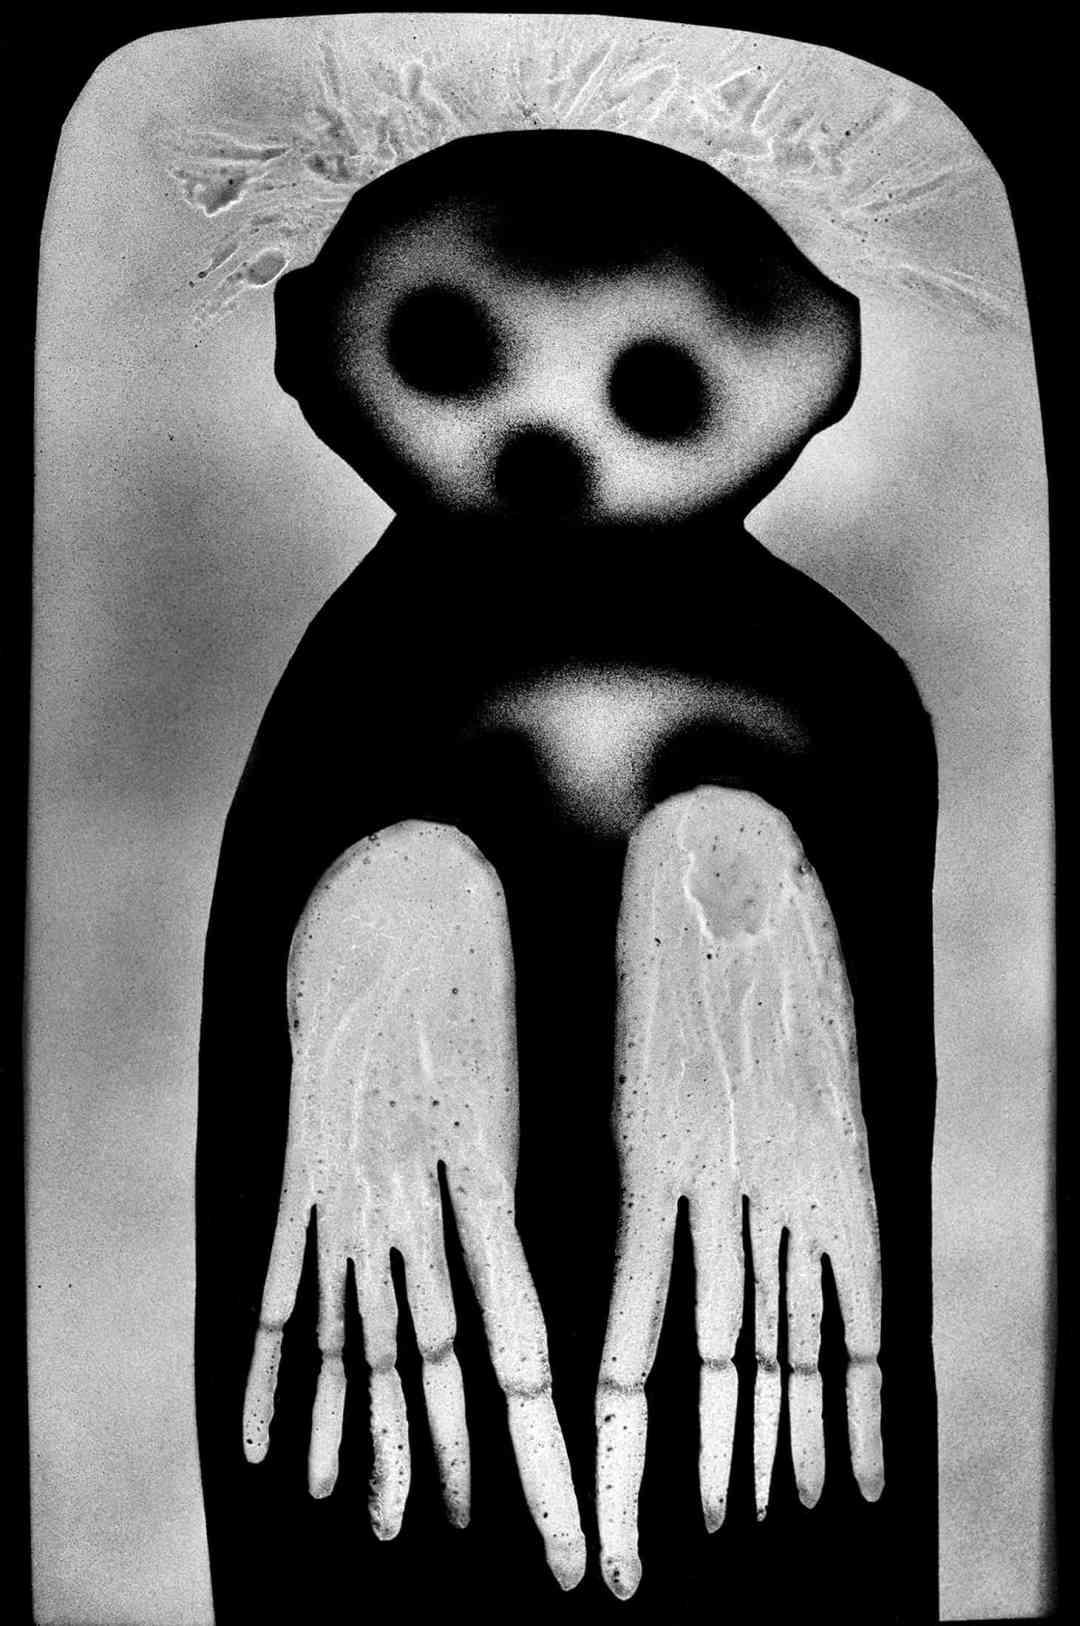 Roger Ballen, Waif, 2012, cm 61x43, archival pigment print, ed. 3/6, Courtesy Collezione Ettore Molinario, ©Roger Ballen